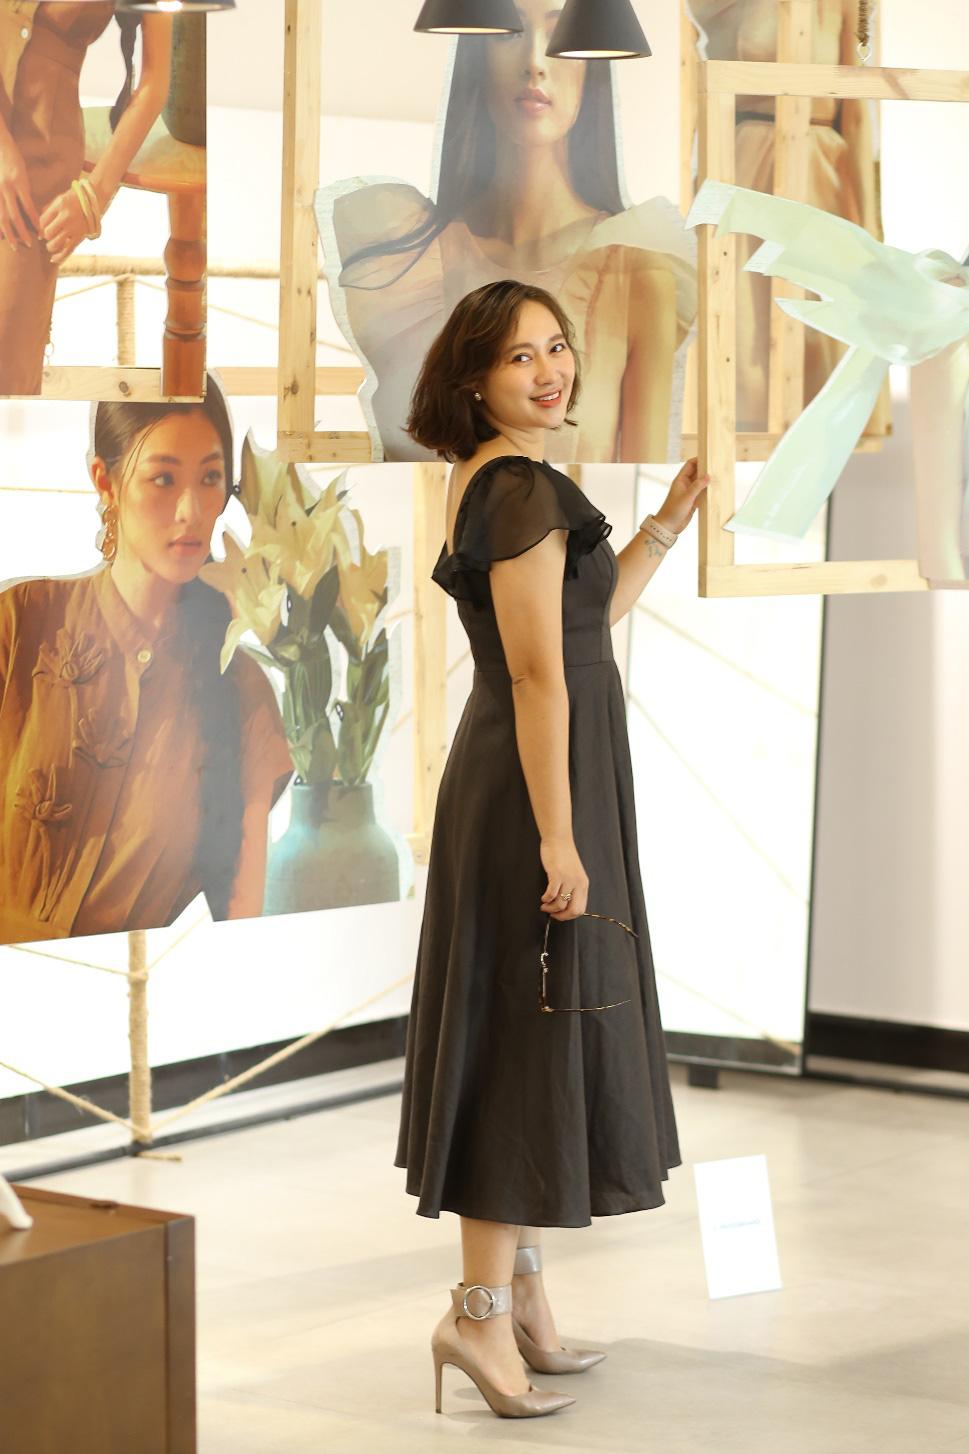 Bắt gặp mẹ con Á hậu Tú Anh và loạt sao Việt shopping trong triển lãm thời trang - Ảnh 2.